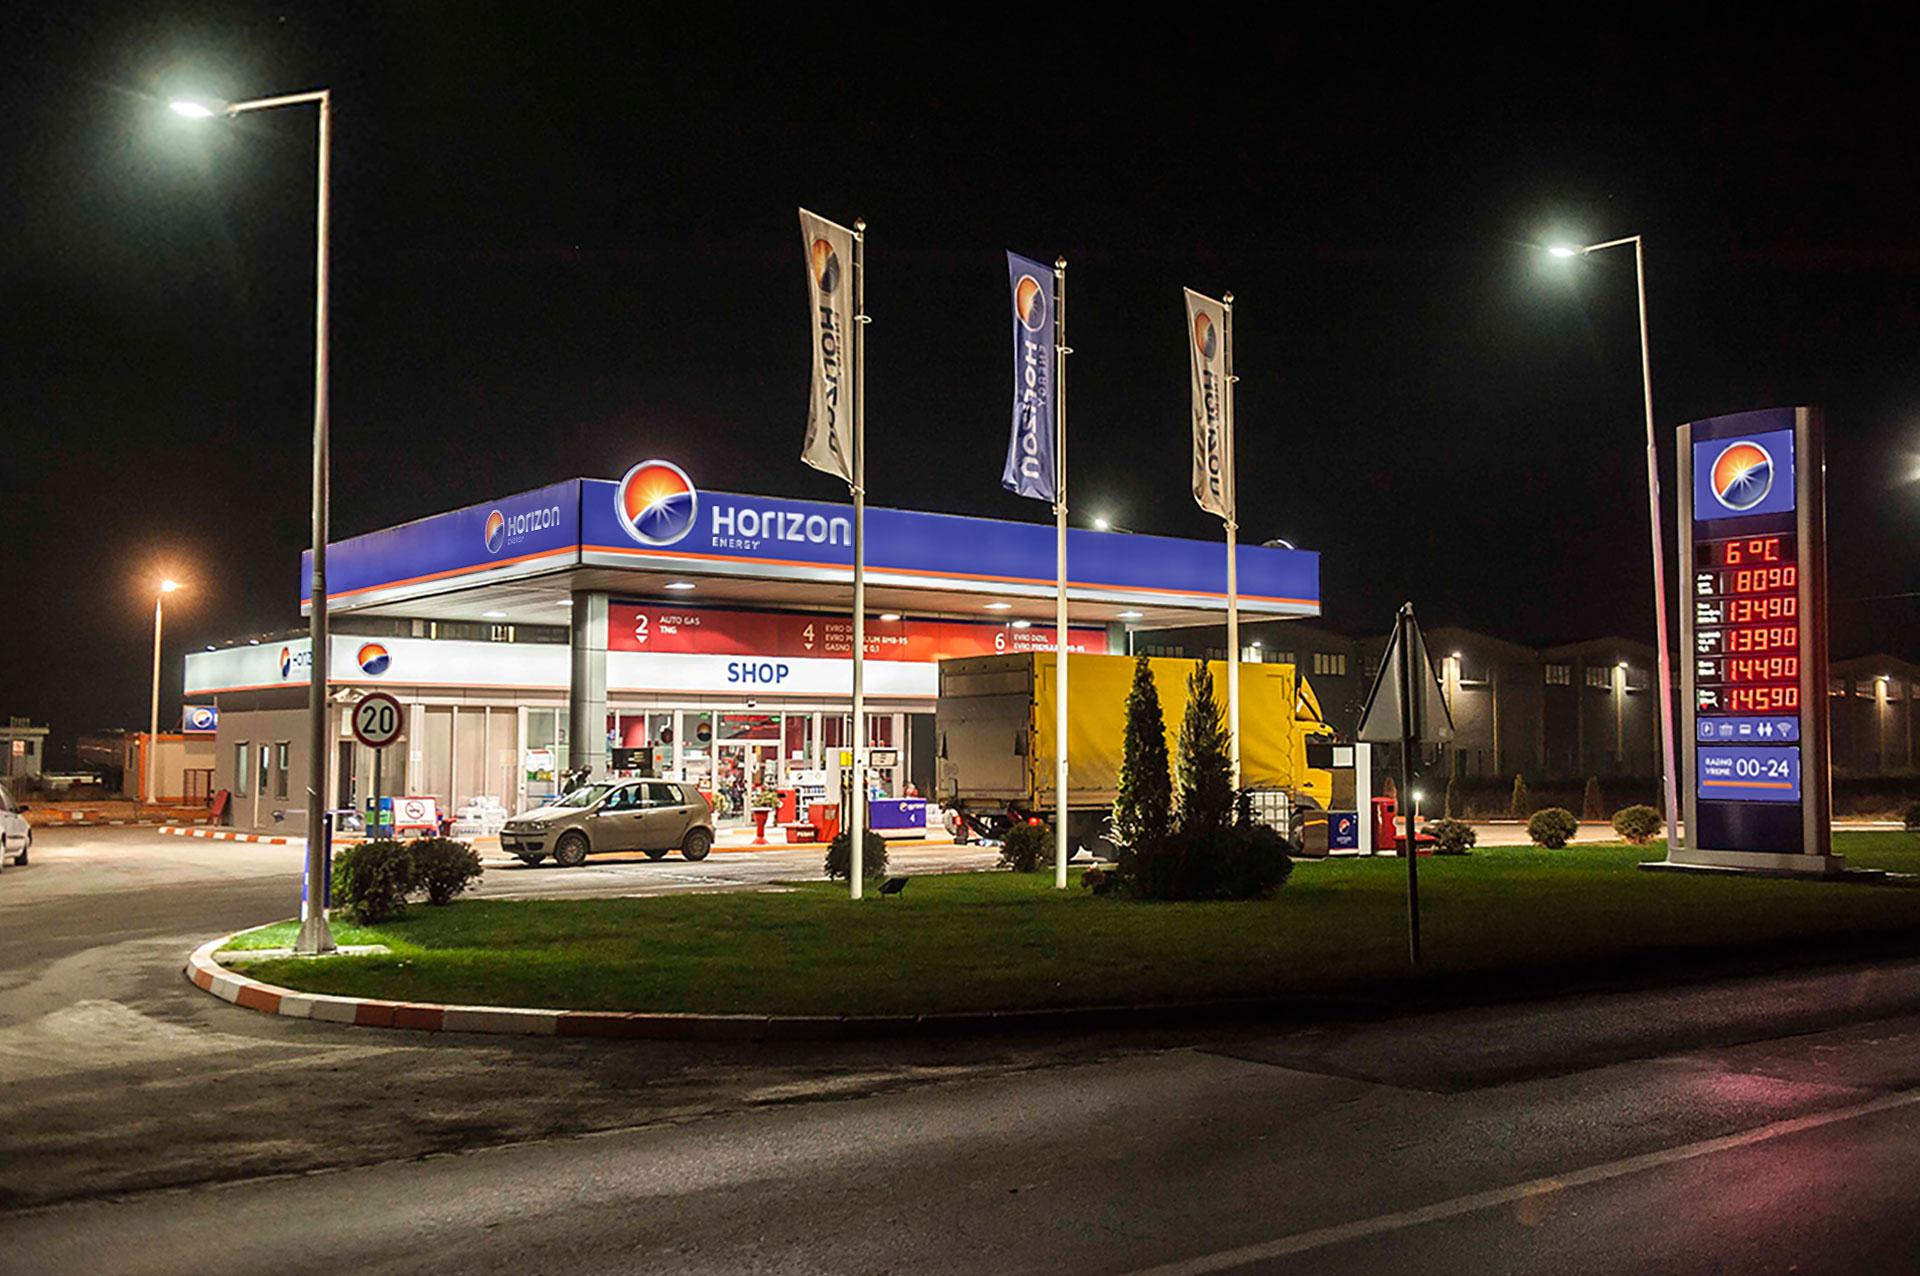 Dizajn i brendiranje benzinske stanice za Horizon Energy